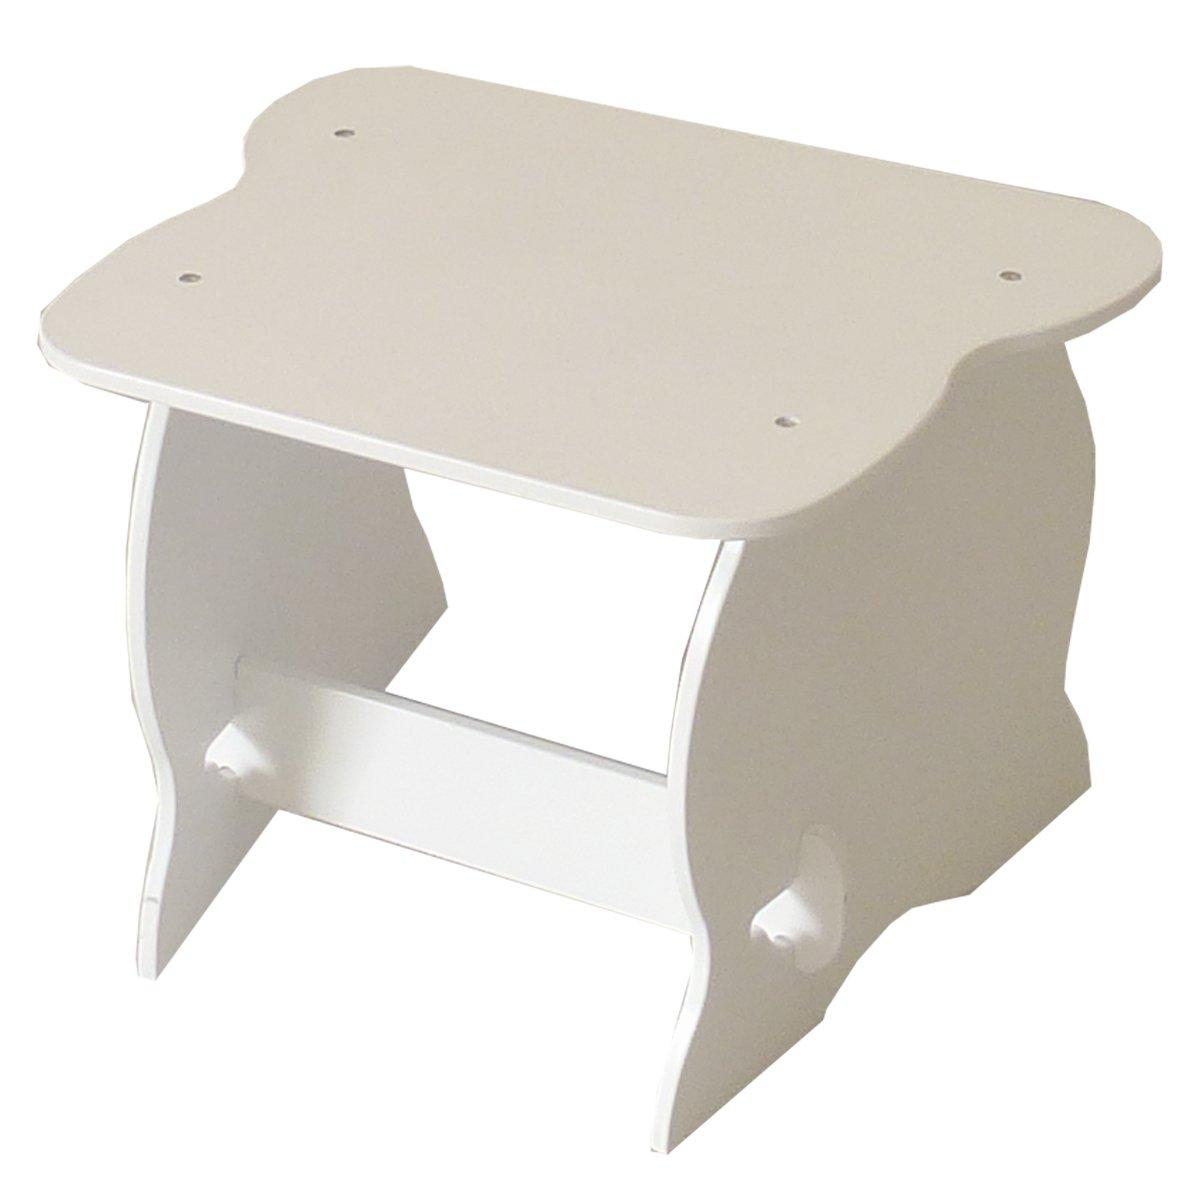 Room Studio 530001 - Tavolo per bambini in MDF, 55 x 43 x 41 cm, colore: bianco